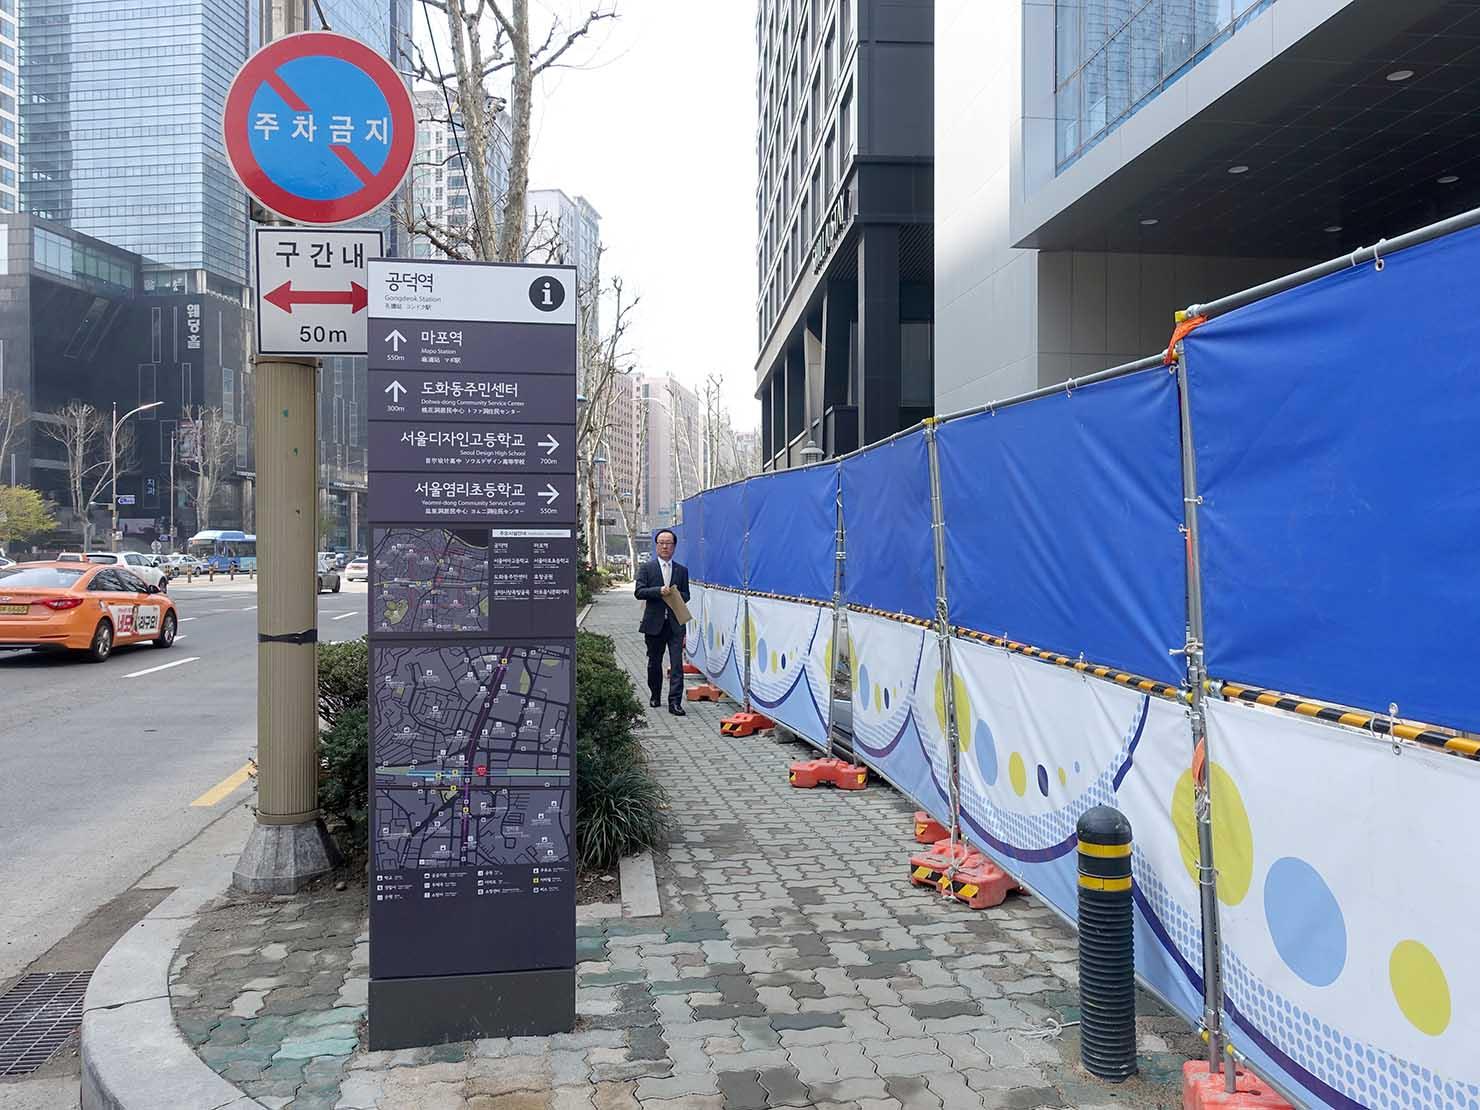 ソウル・孔德(공덕/コンドク)駅近くにある観光案内板